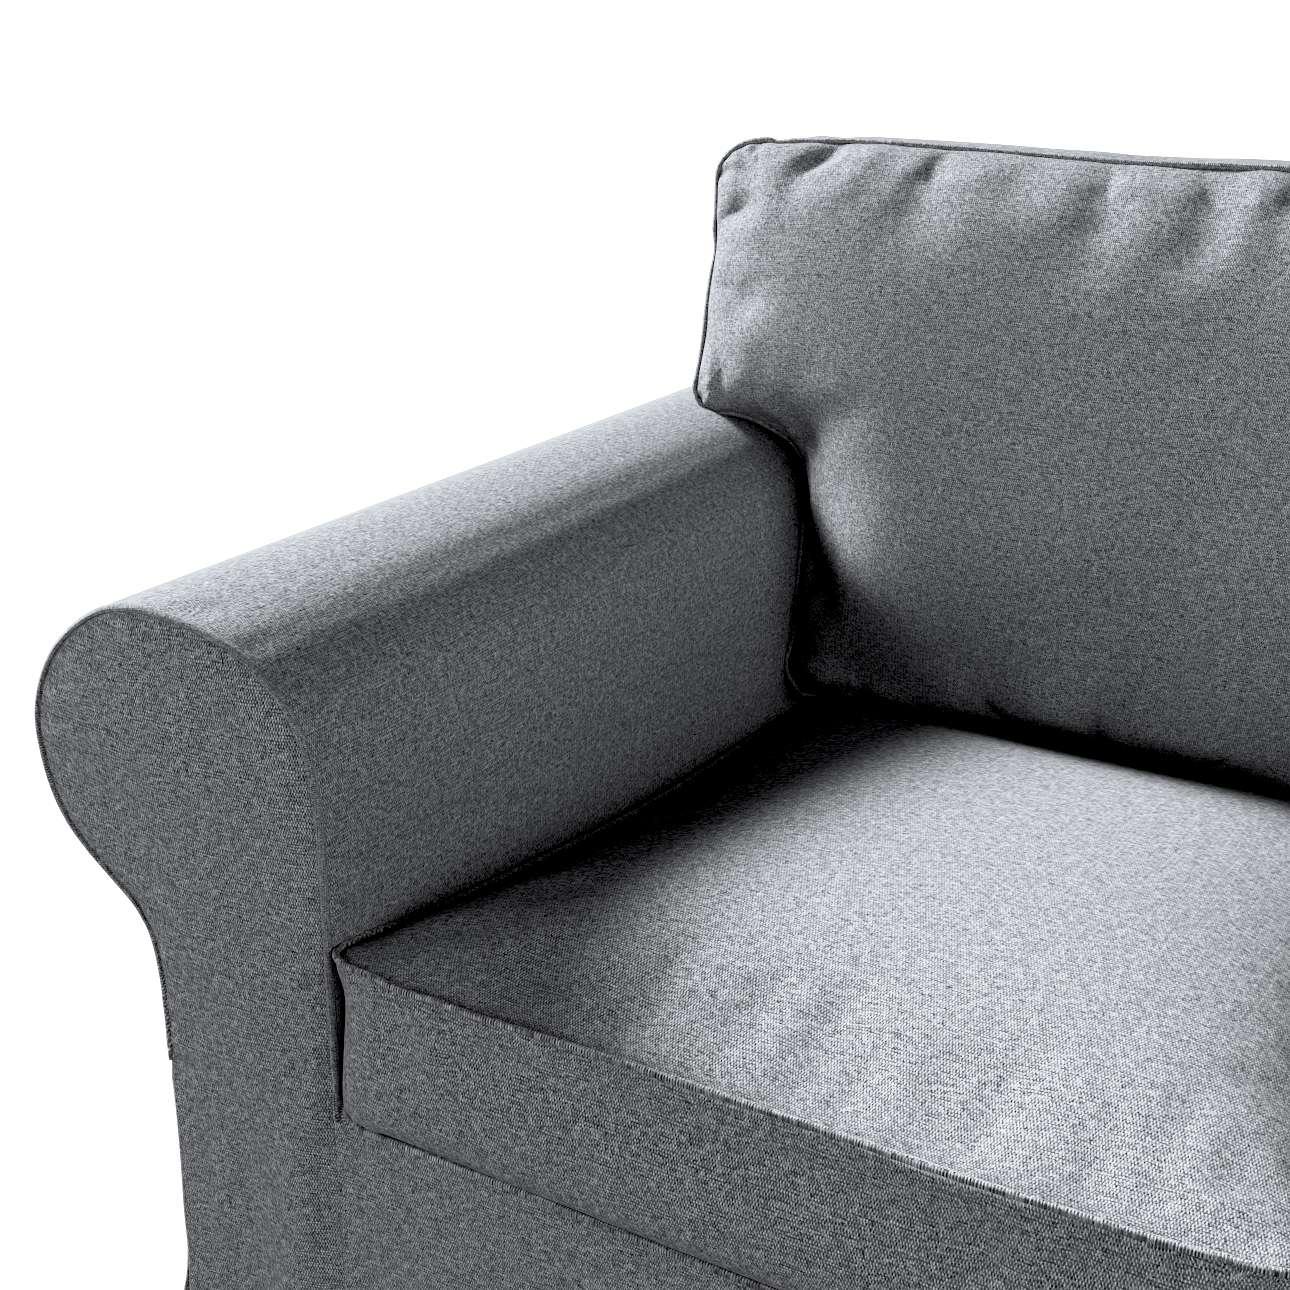 Pokrowiec na fotel Ektorp w kolekcji Amsterdam, tkanina: 704-47